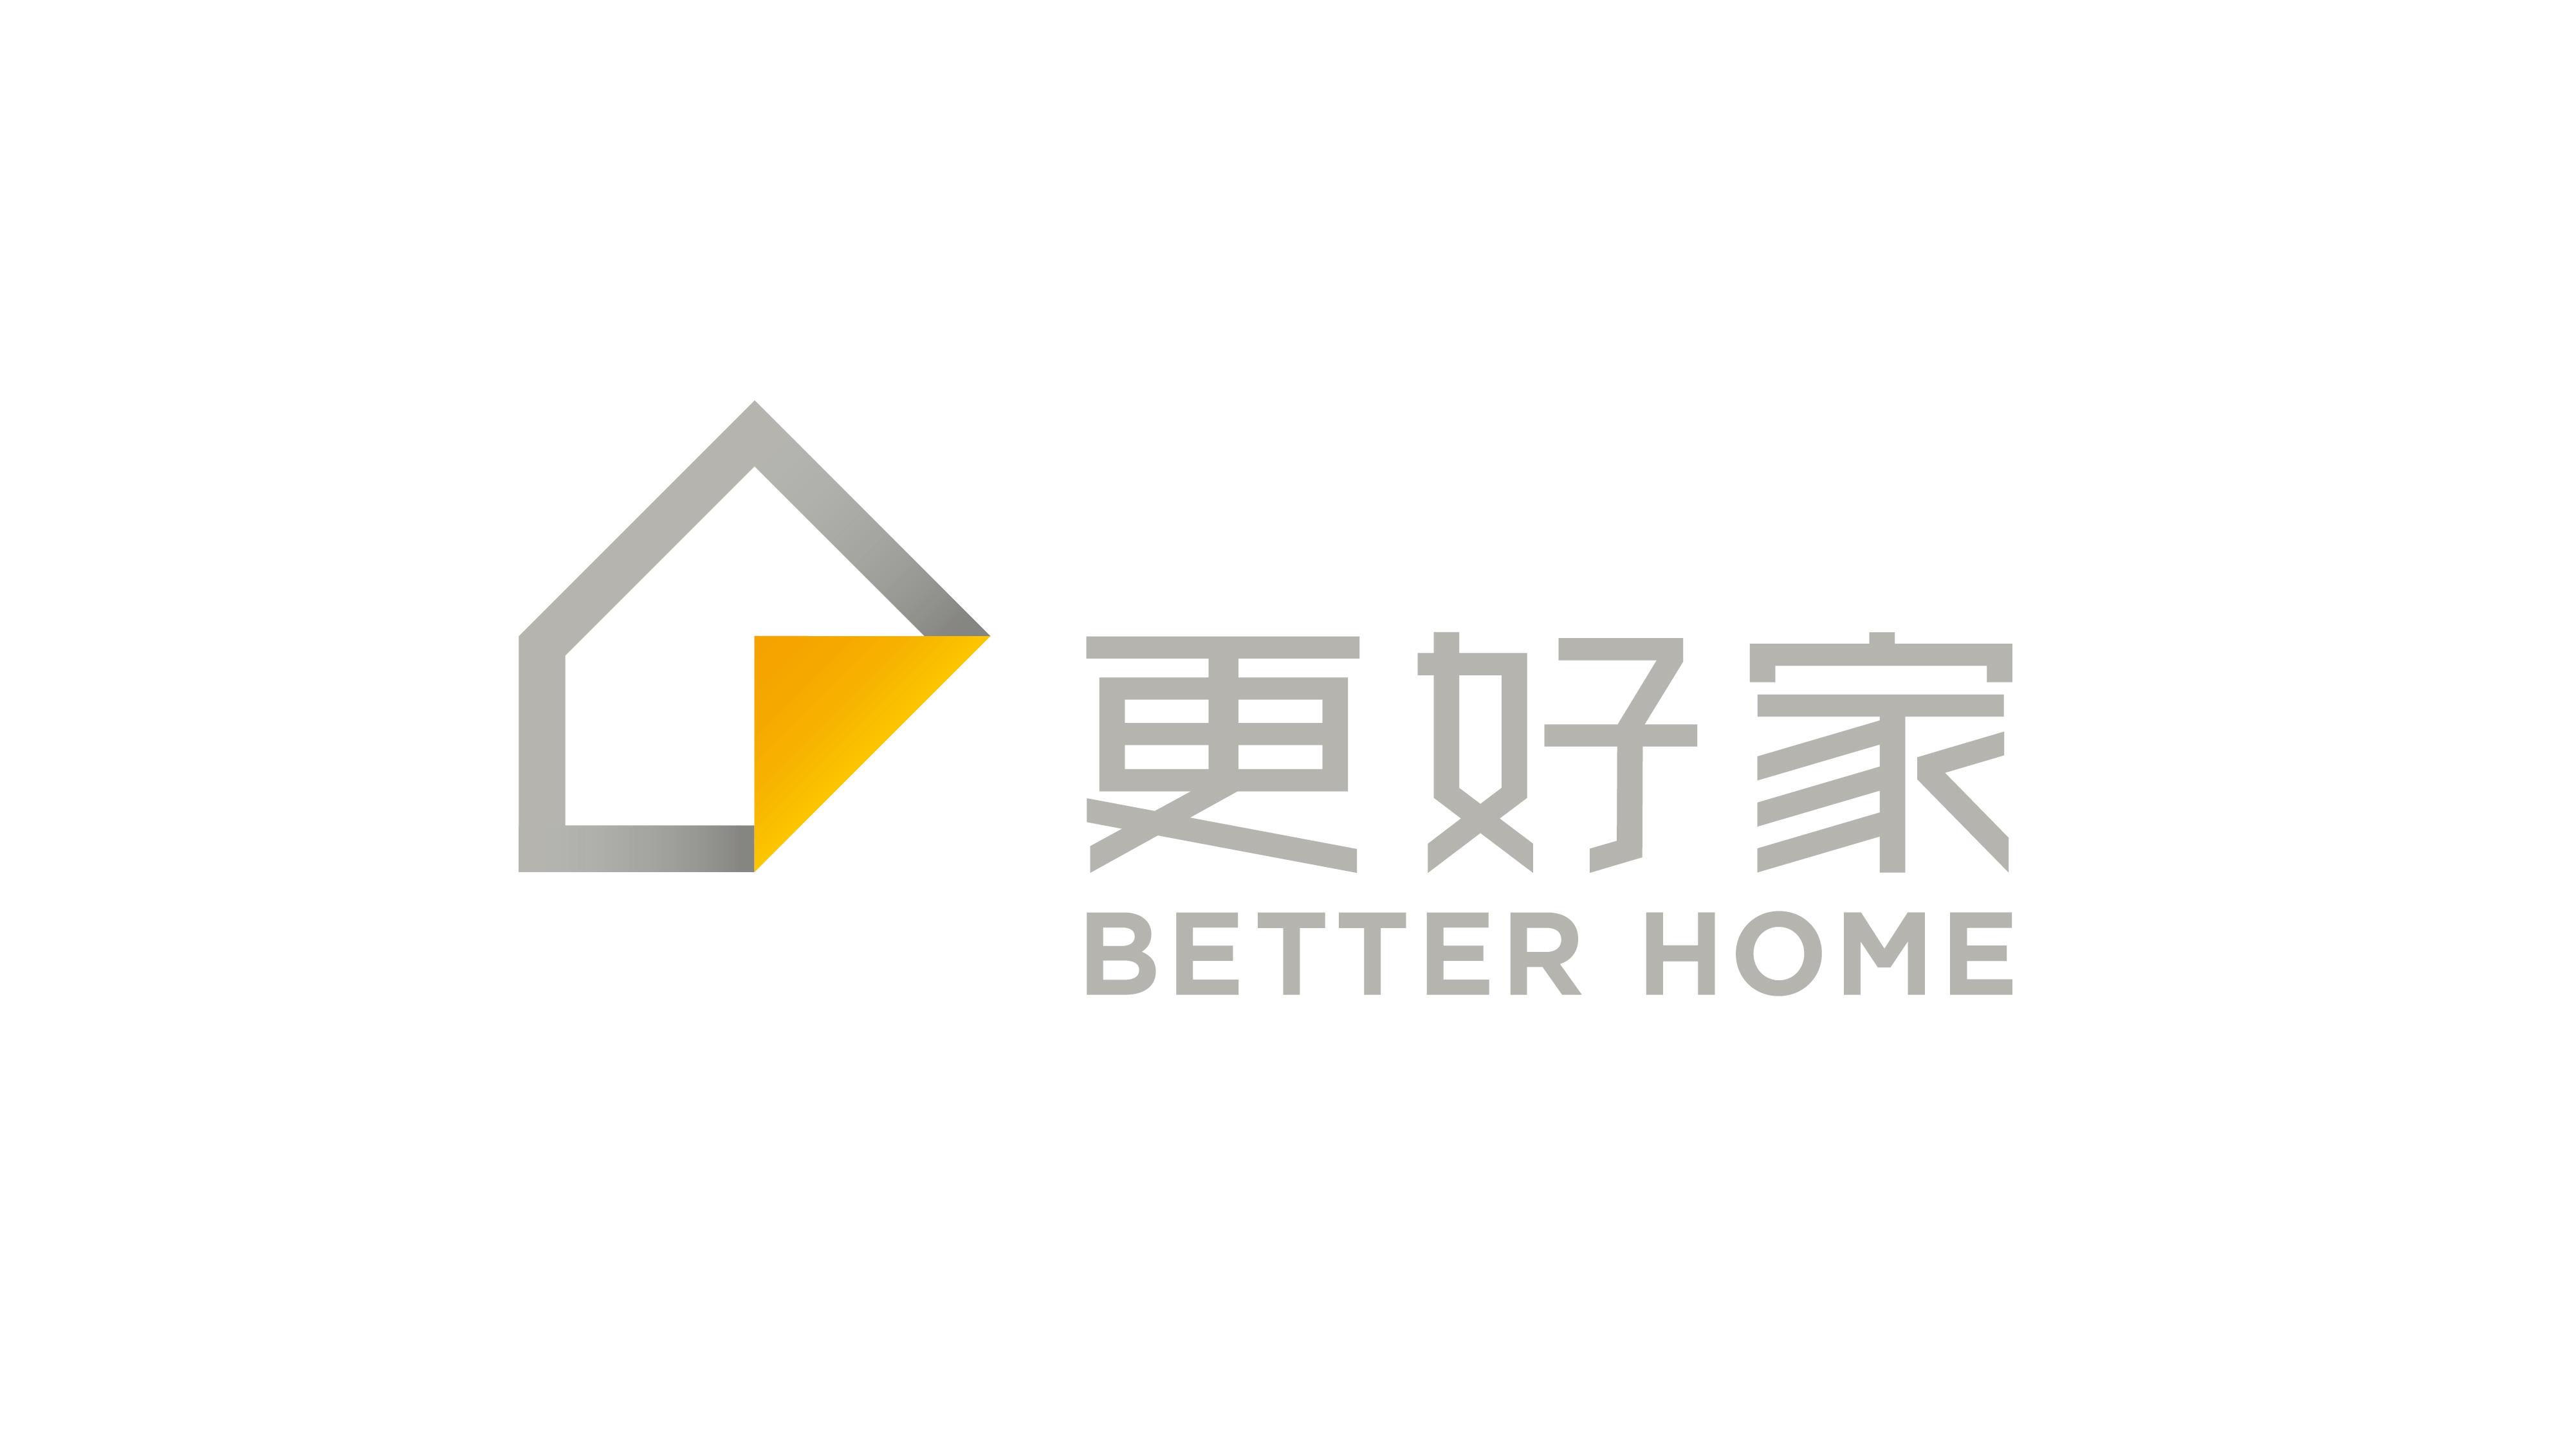 装修房子自己去购买装修材料有哪些需要考虑到的问题